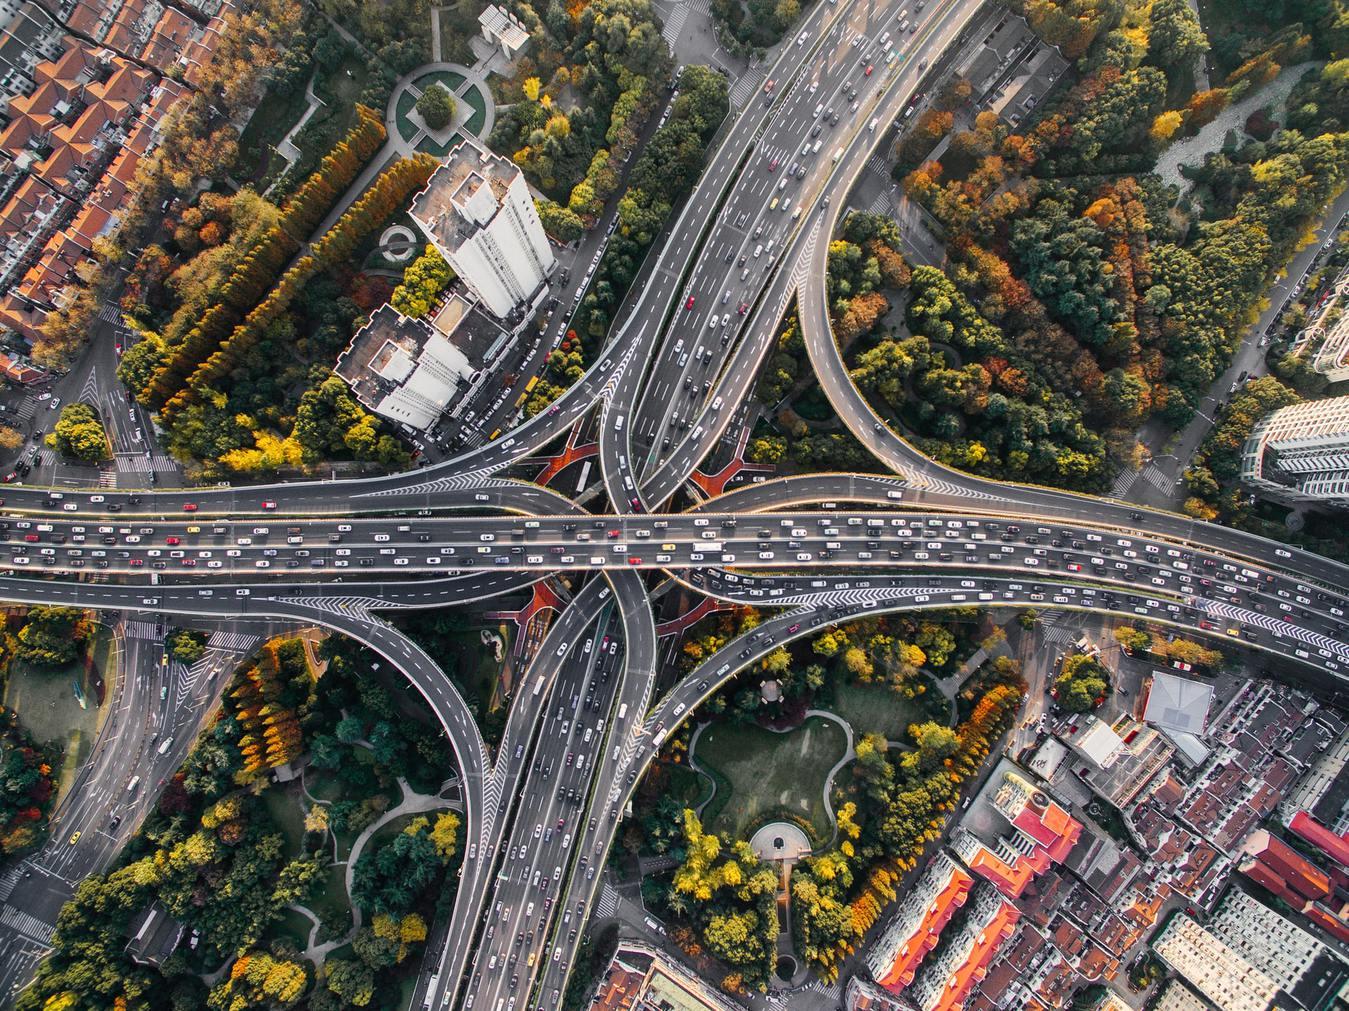 Vista dall'alto di molte strade che si intersecano